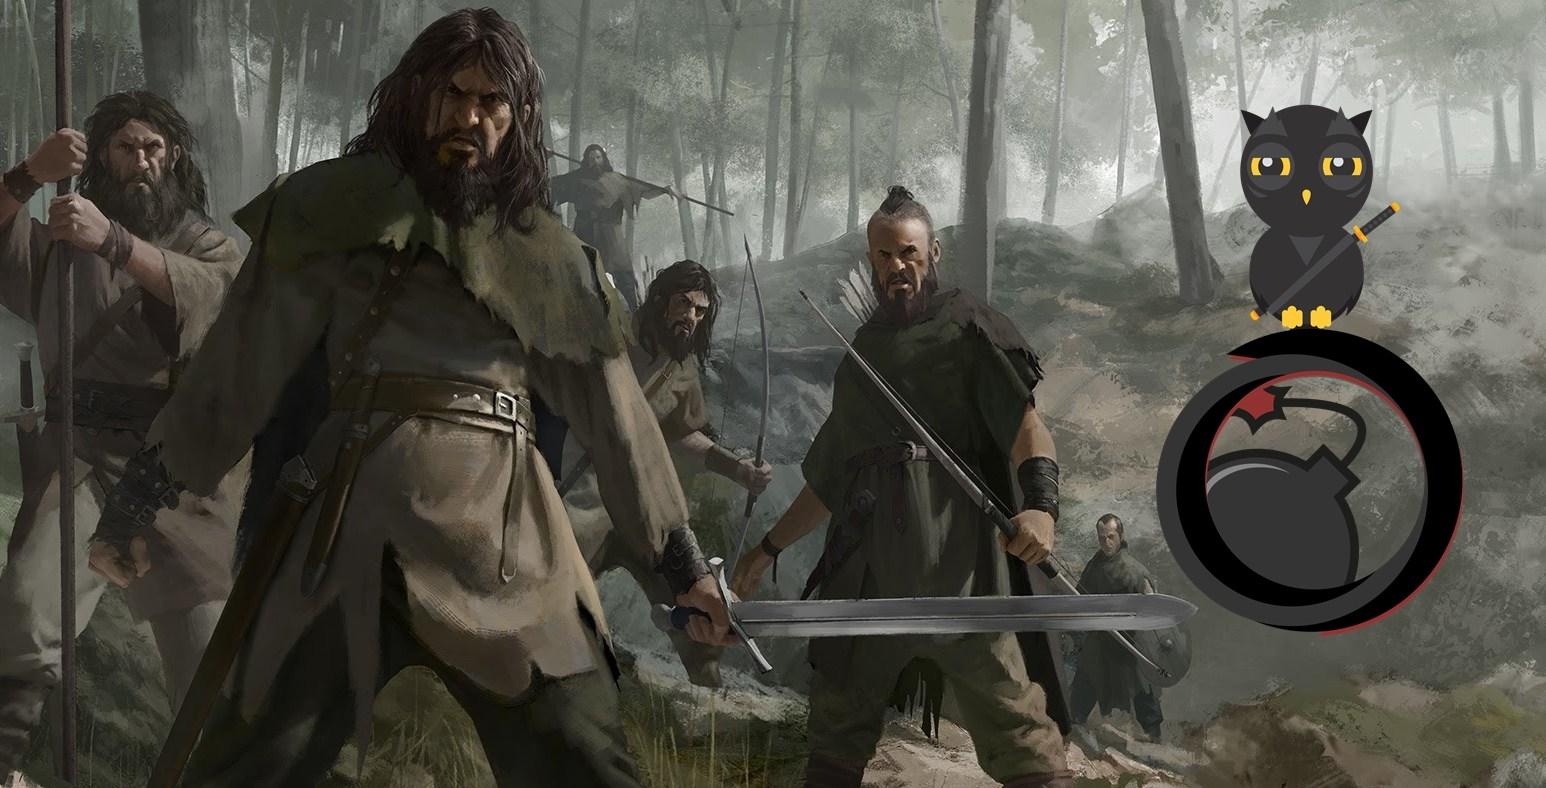 Mount and Blade Warband'da Rodok Krallığını Ne Kadar Tanıyorsunuz?